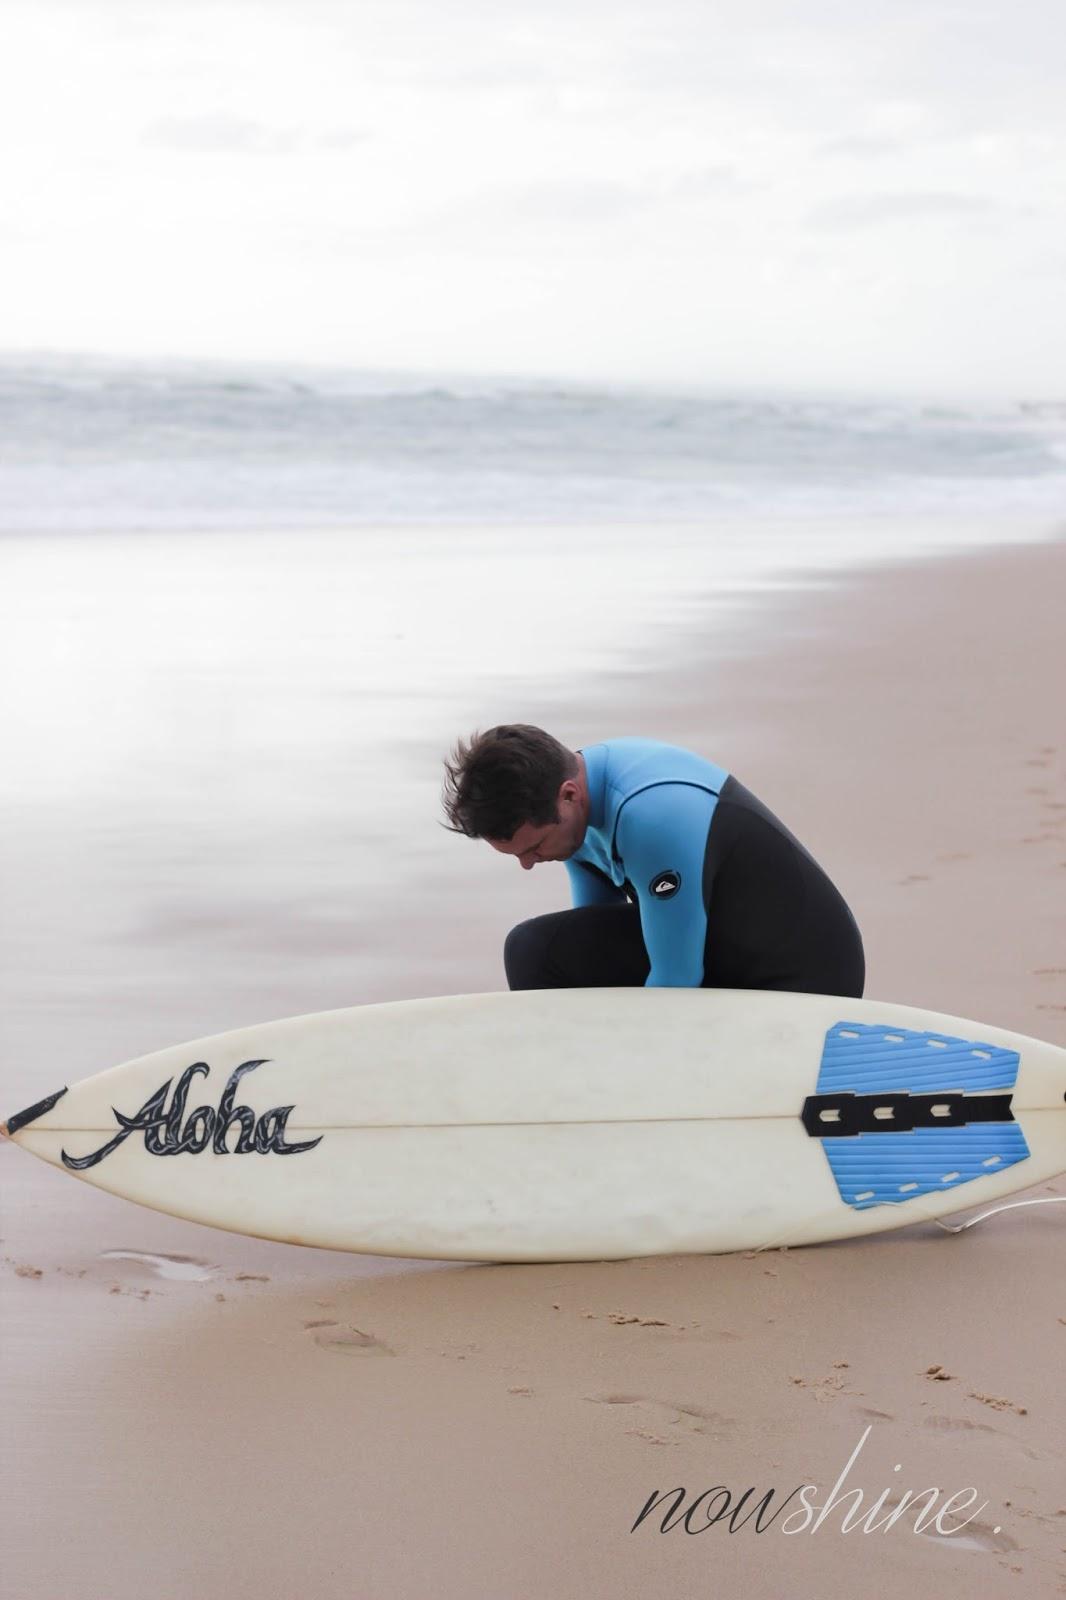 Surfer Strand Hossegor